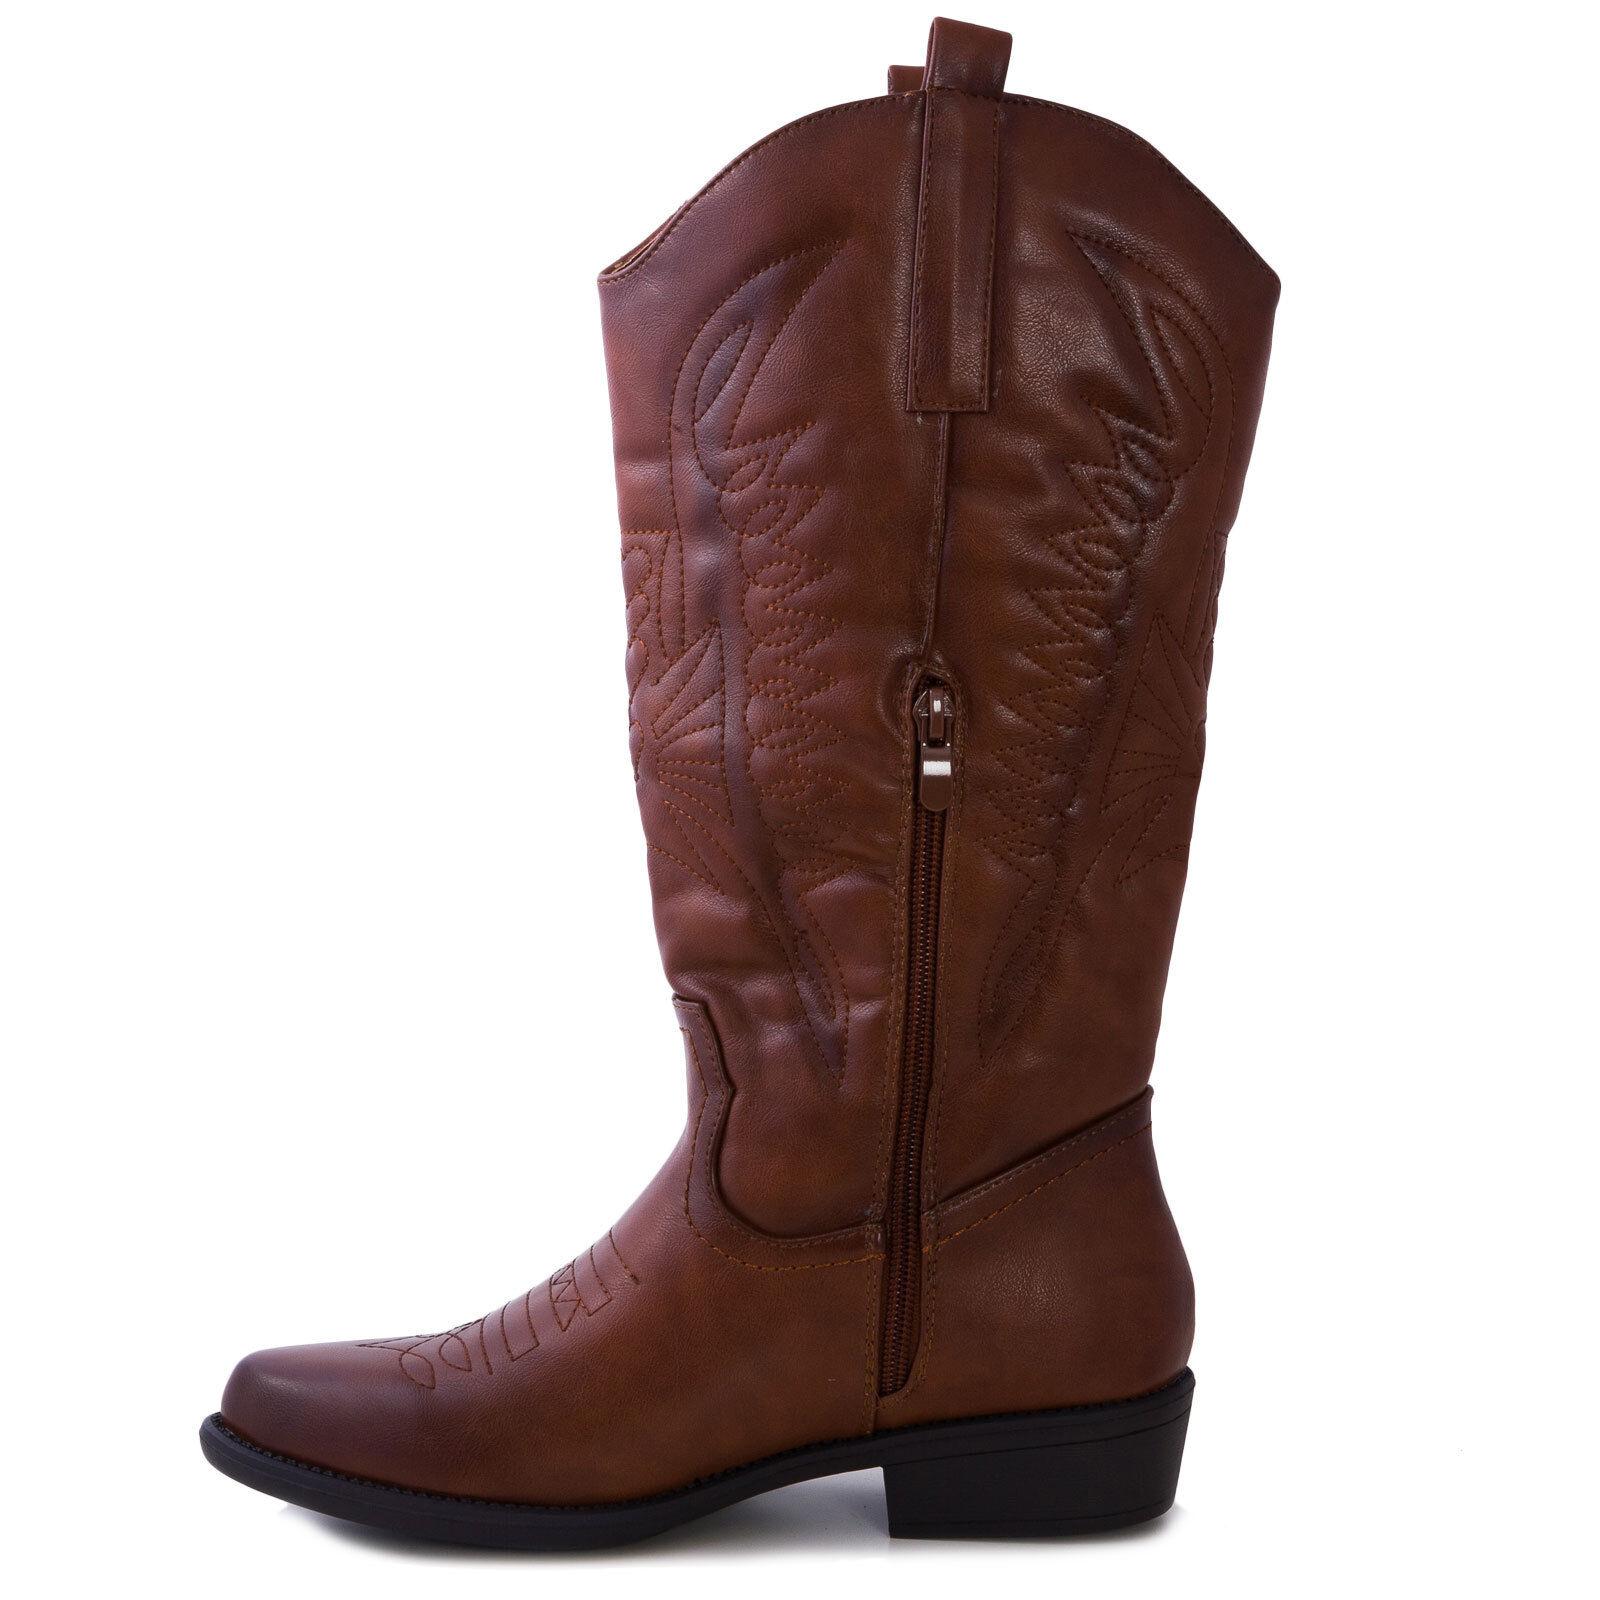 Stiefel Frau Texaner cowboy western Öko-Leder Winter Winter Winter Stiefeletten sexy N9X8371-3 a4a21b